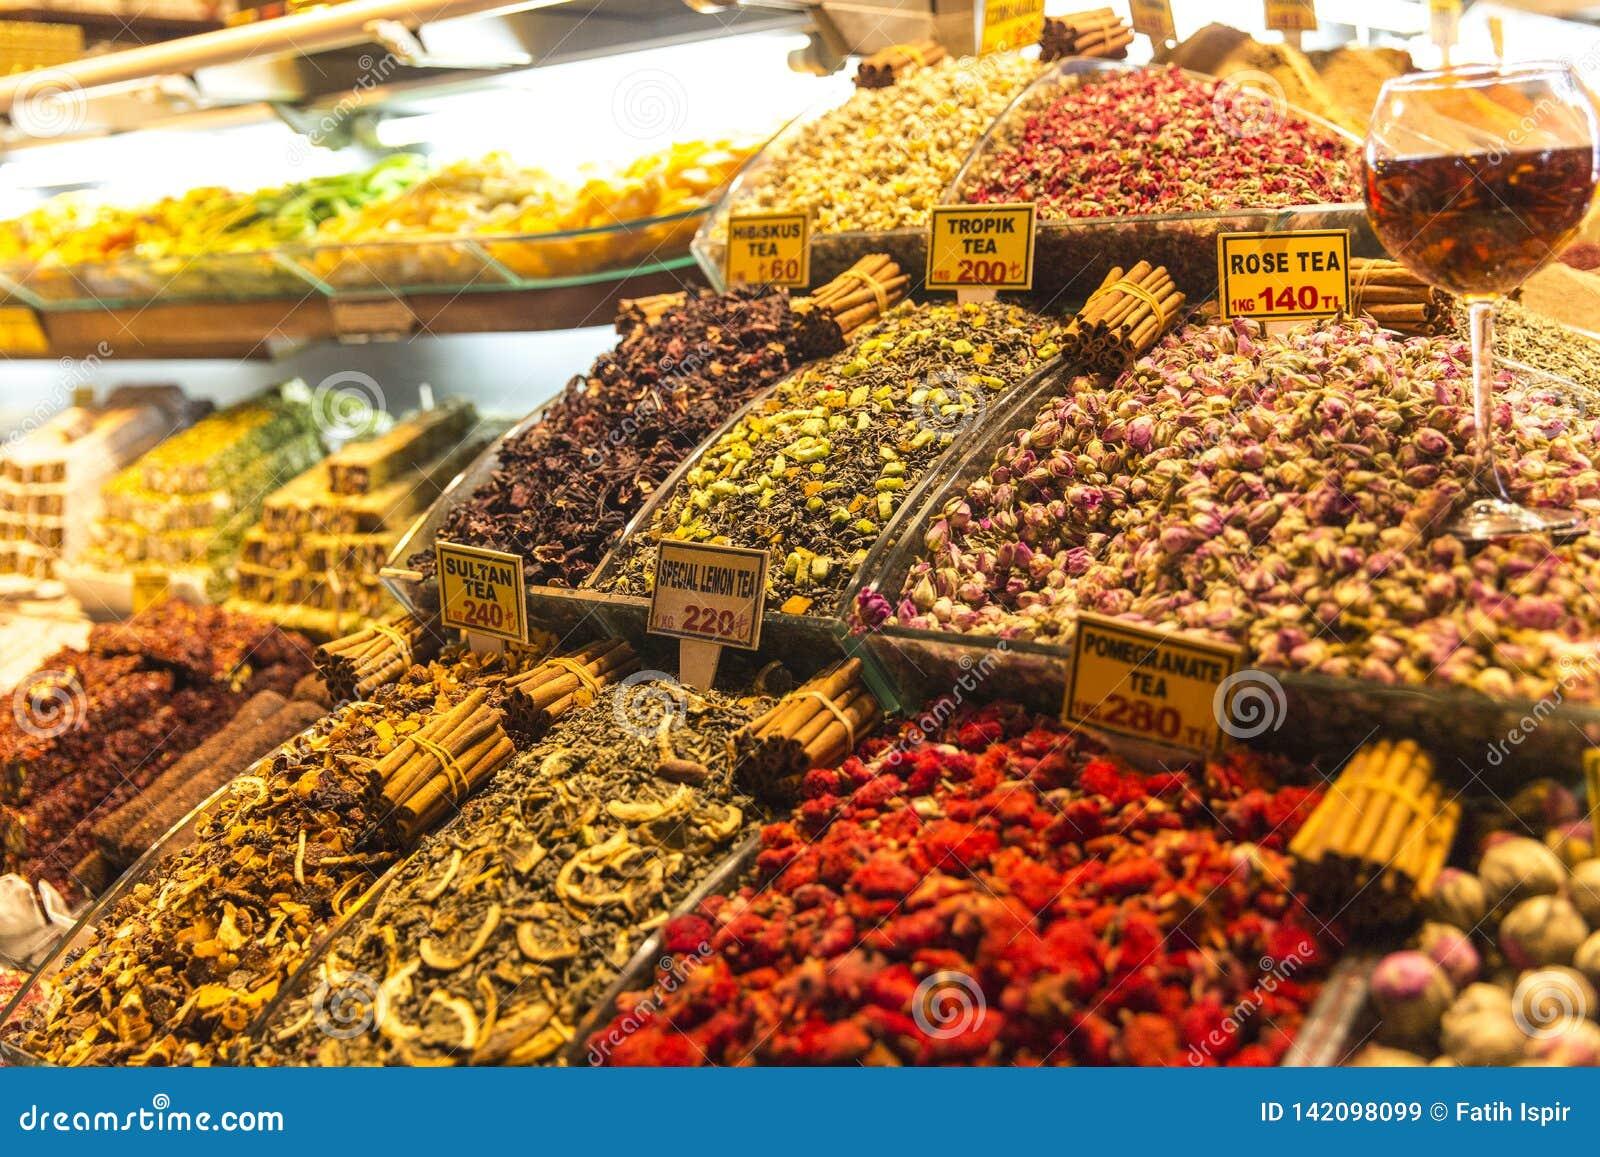 清凉茶在大巴扎伊斯坦布尔土耳其